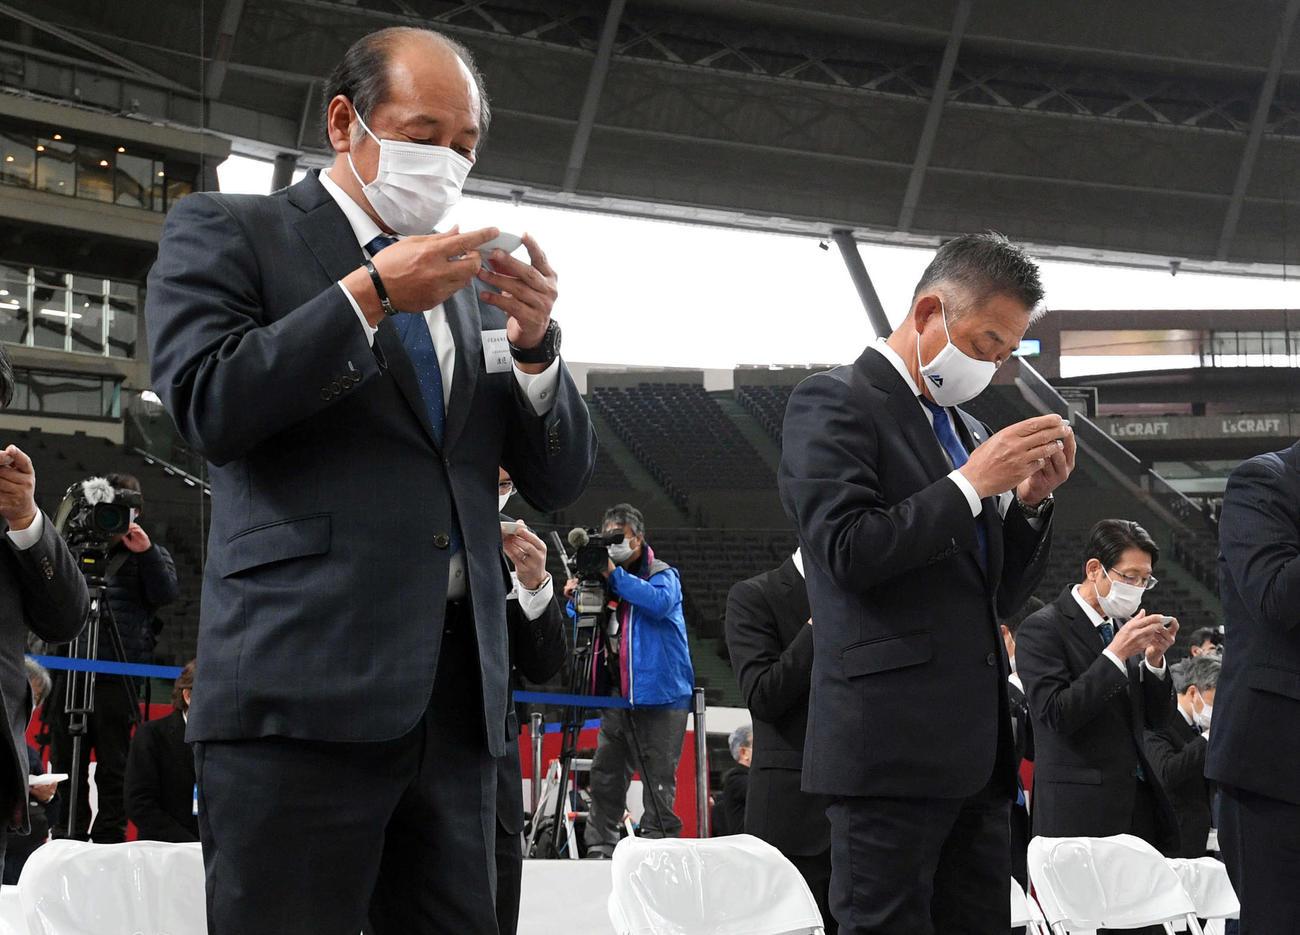 メットライフドームの改修計画の竣工式に参列した西武渡辺GM(左)と辻監督(撮影・滝沢徹郎)